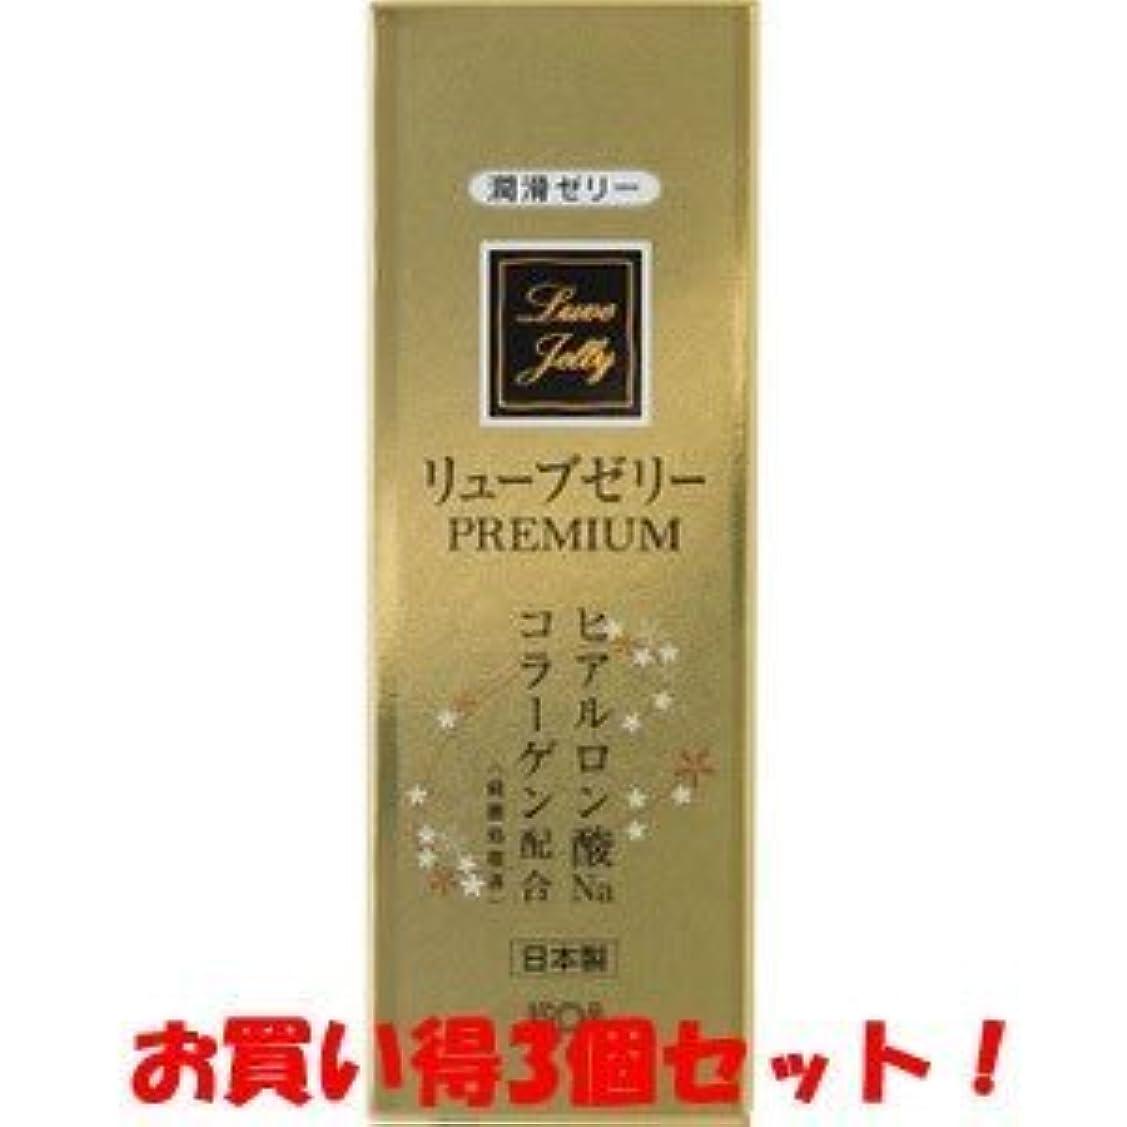 追放ストリーム平日(ジェクス)リューブゼリー プレミアム PREMIUM 55g(お買い得3個セット)